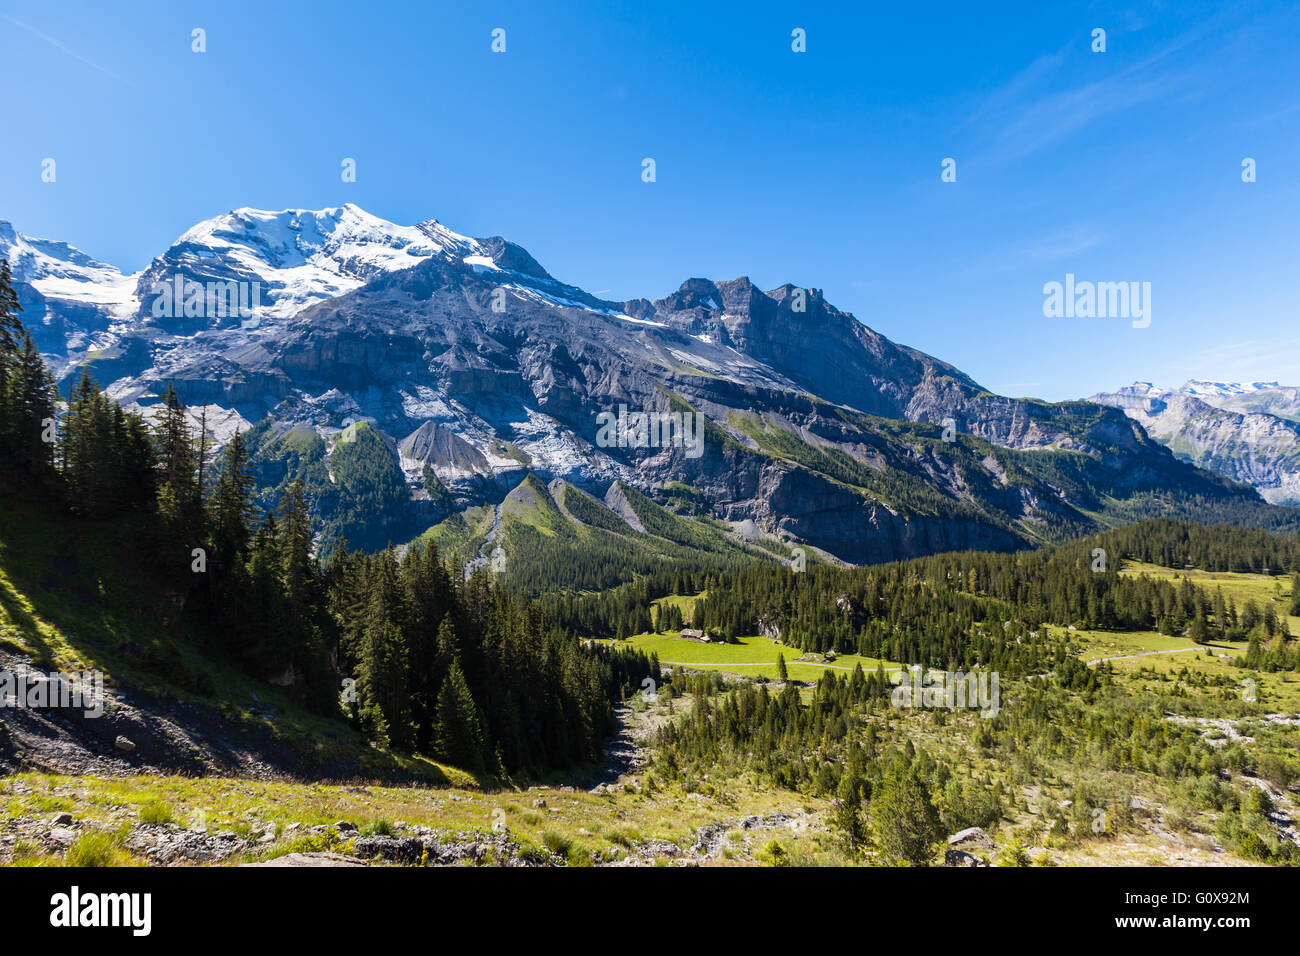 Stunning view of Bluemlisalp and Frundenhorn above Oeschinensee (Oeschinen lake), swiss alps on Bernese Oberland. - Stock Image